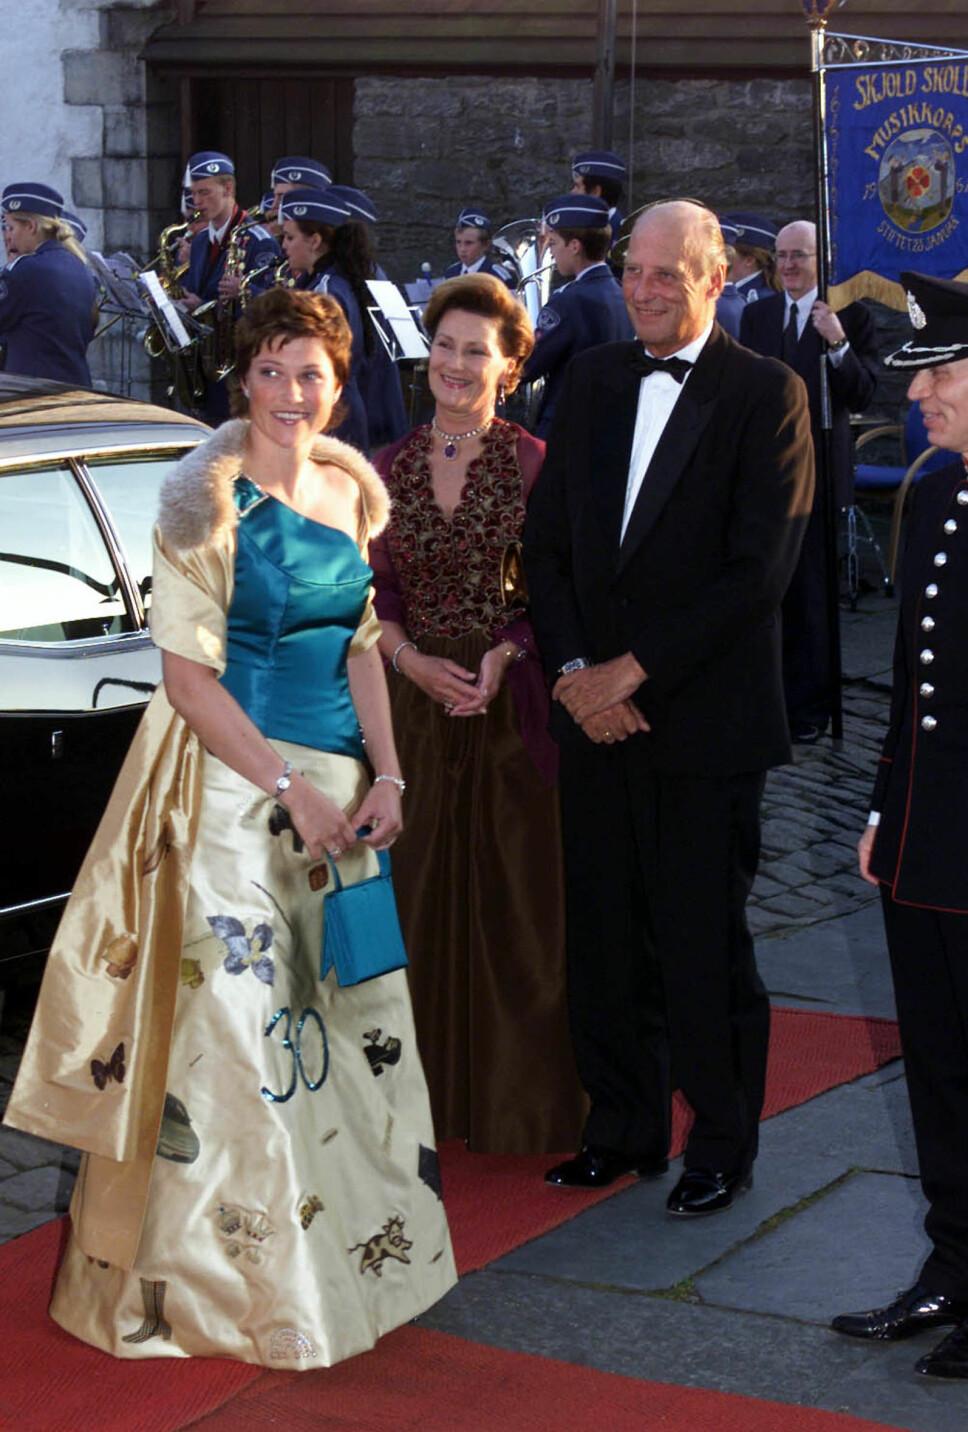 OMDISKUTERT: Da kronprinsessen fylte 30 år, stilte hun i kjole designet av Wenche Lyche med spesielle symboler. Mange trodde den røde og gule terningen med seks prikker var en hilsen til Ari, men det stemte ikke. Hilsenen til han var en svart biljardkule.